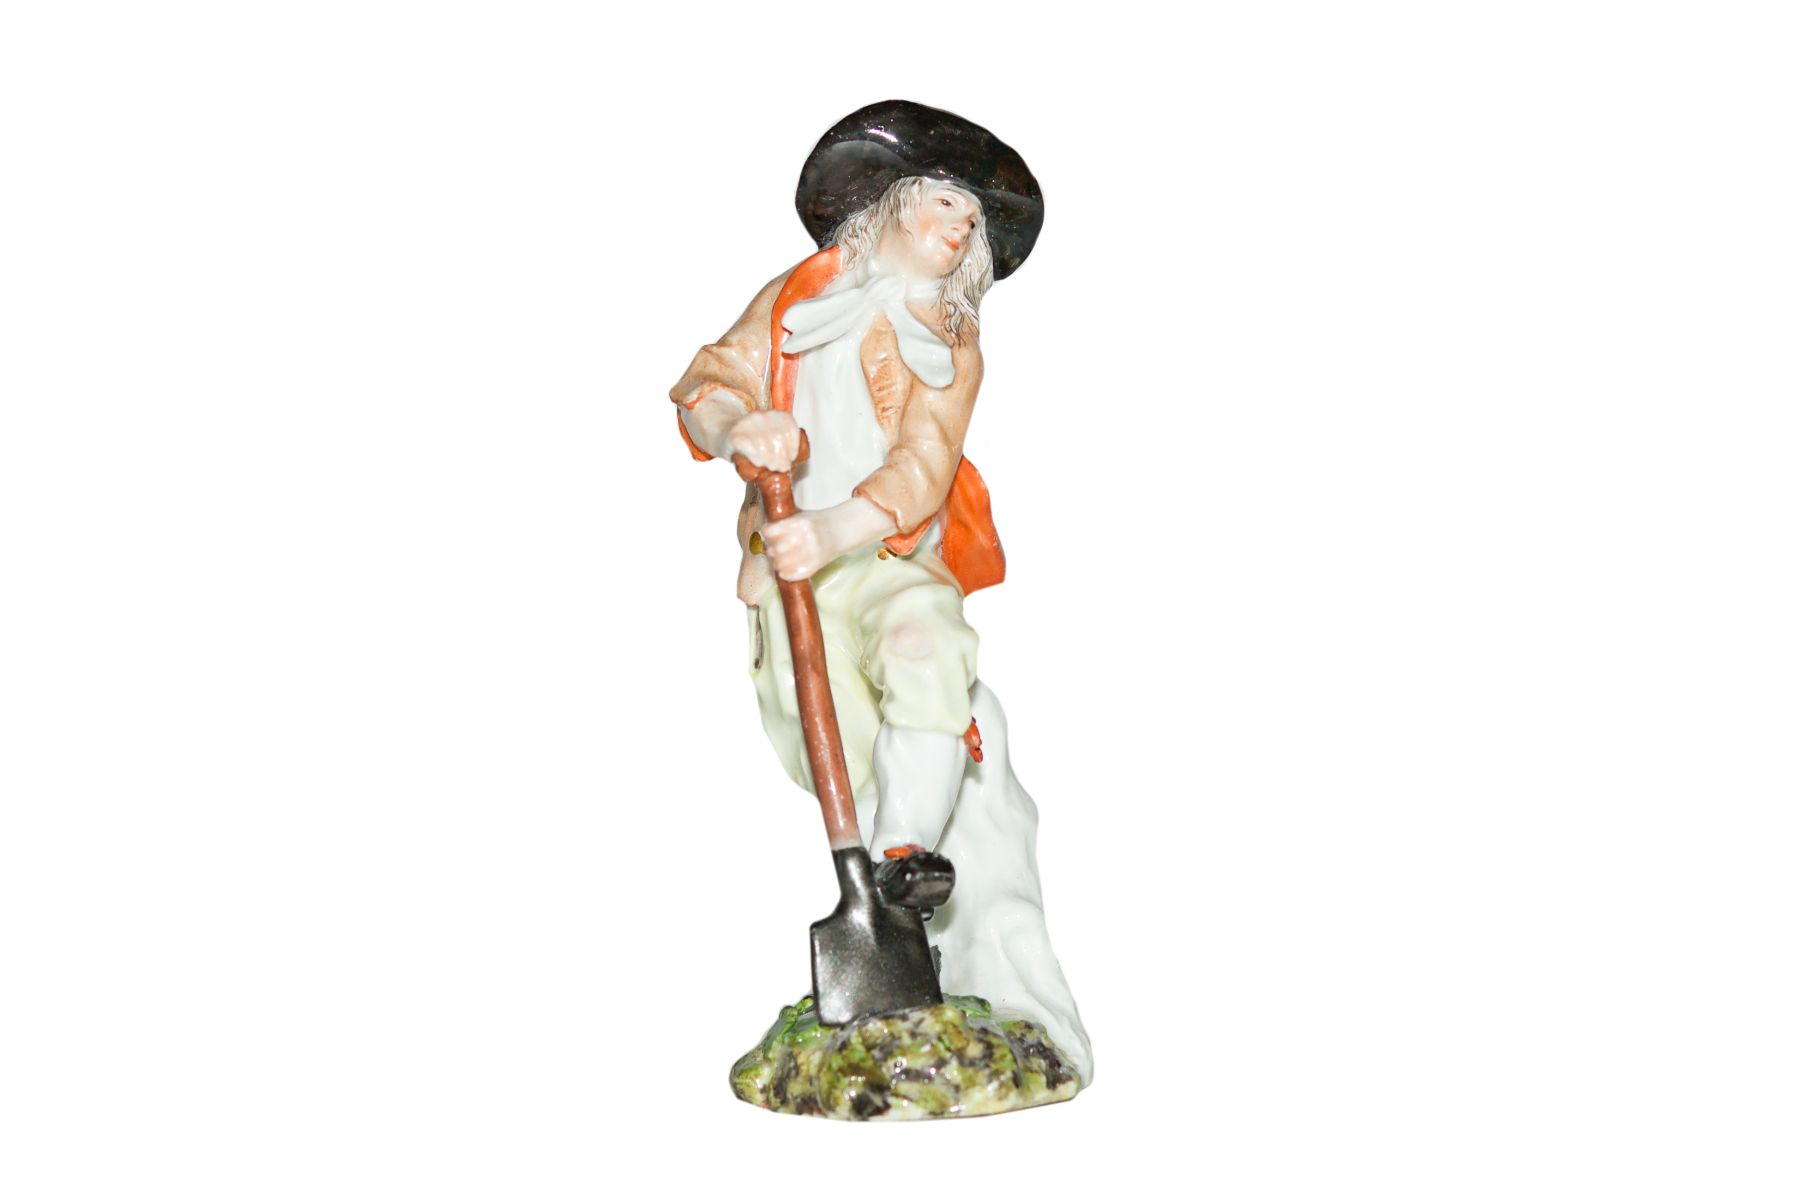 #88 Winemaker with shovel, Meissen 1750   Weinbauer mit Schaufel, Meissen 1750 Image